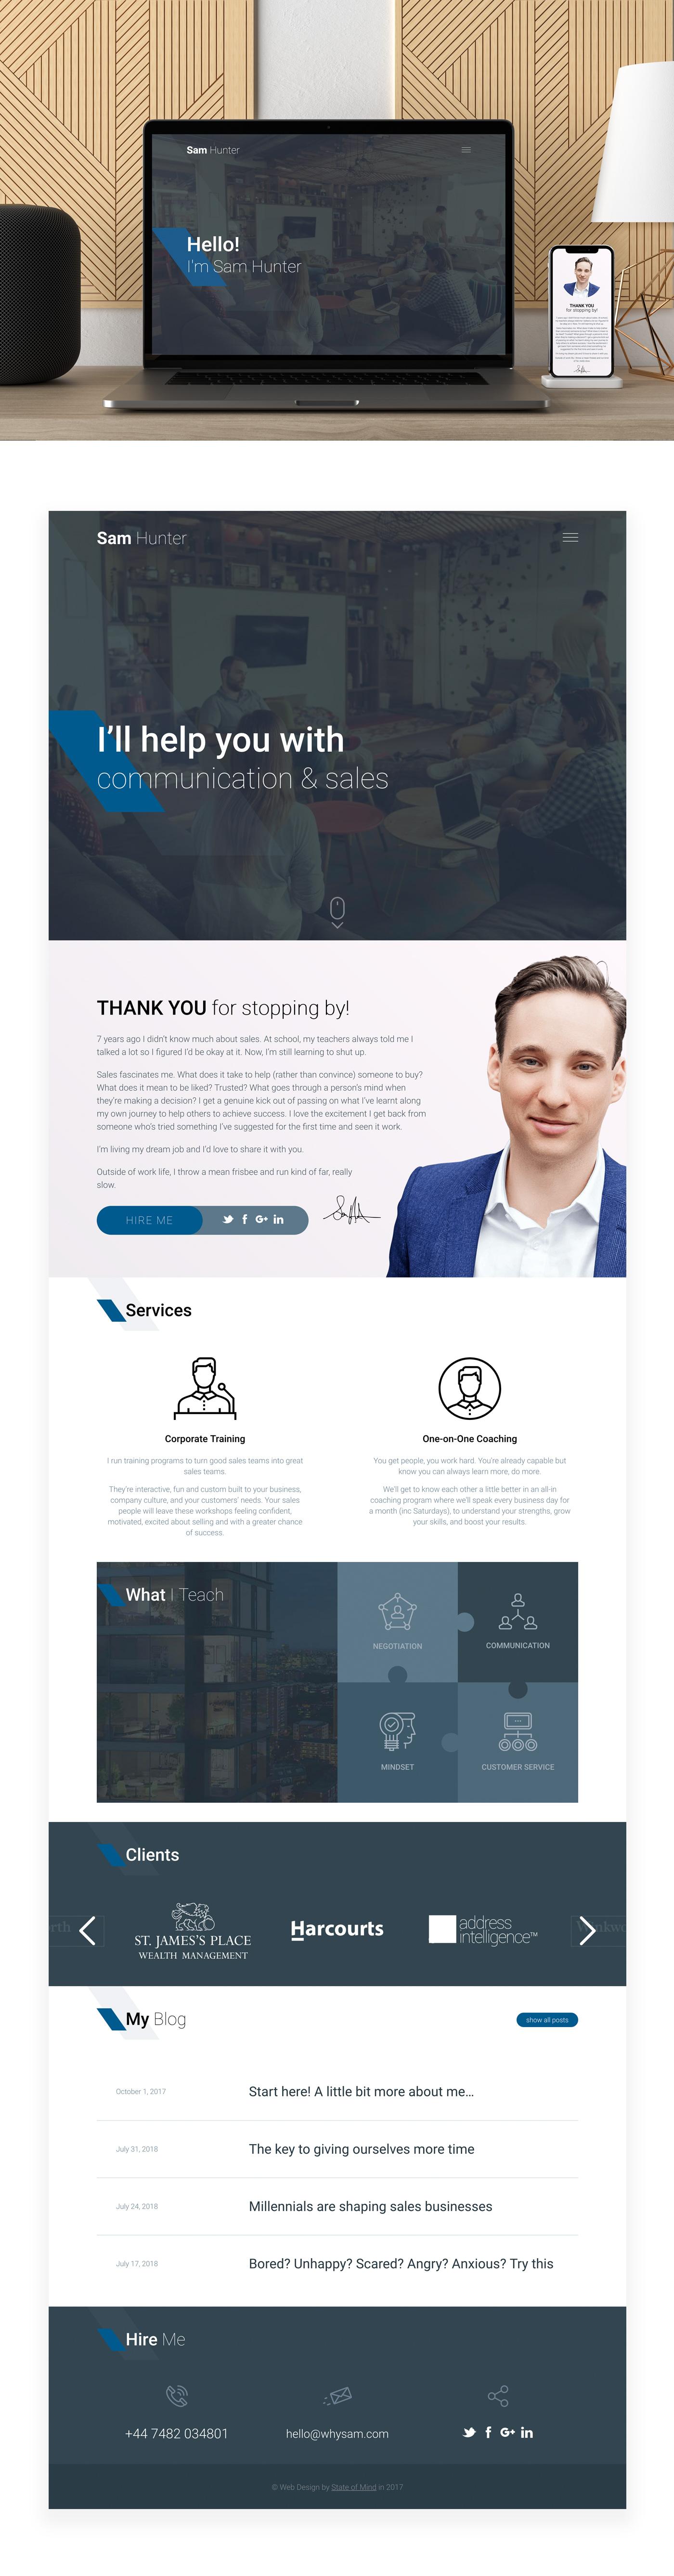 Персональный сайт для Сэма